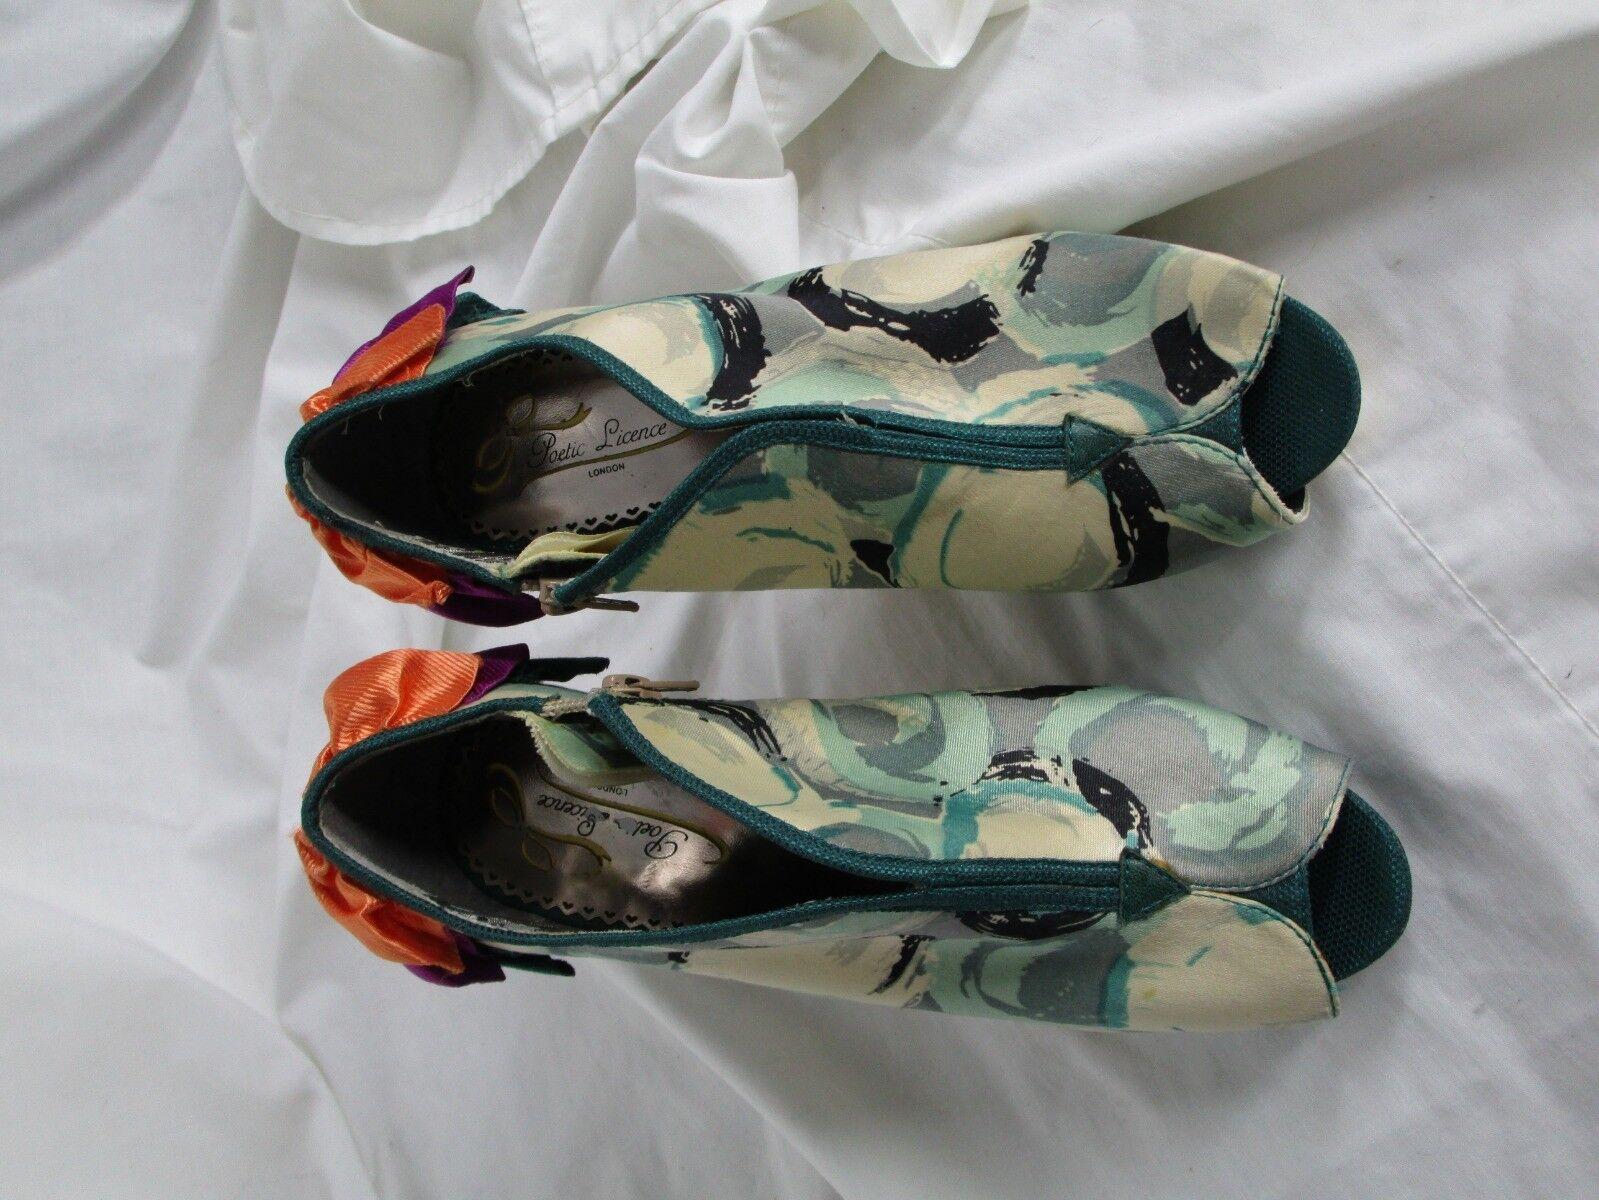 Poetic Licence shoes Heels Green Print Satin Ruffles Side Zip 37 Sample